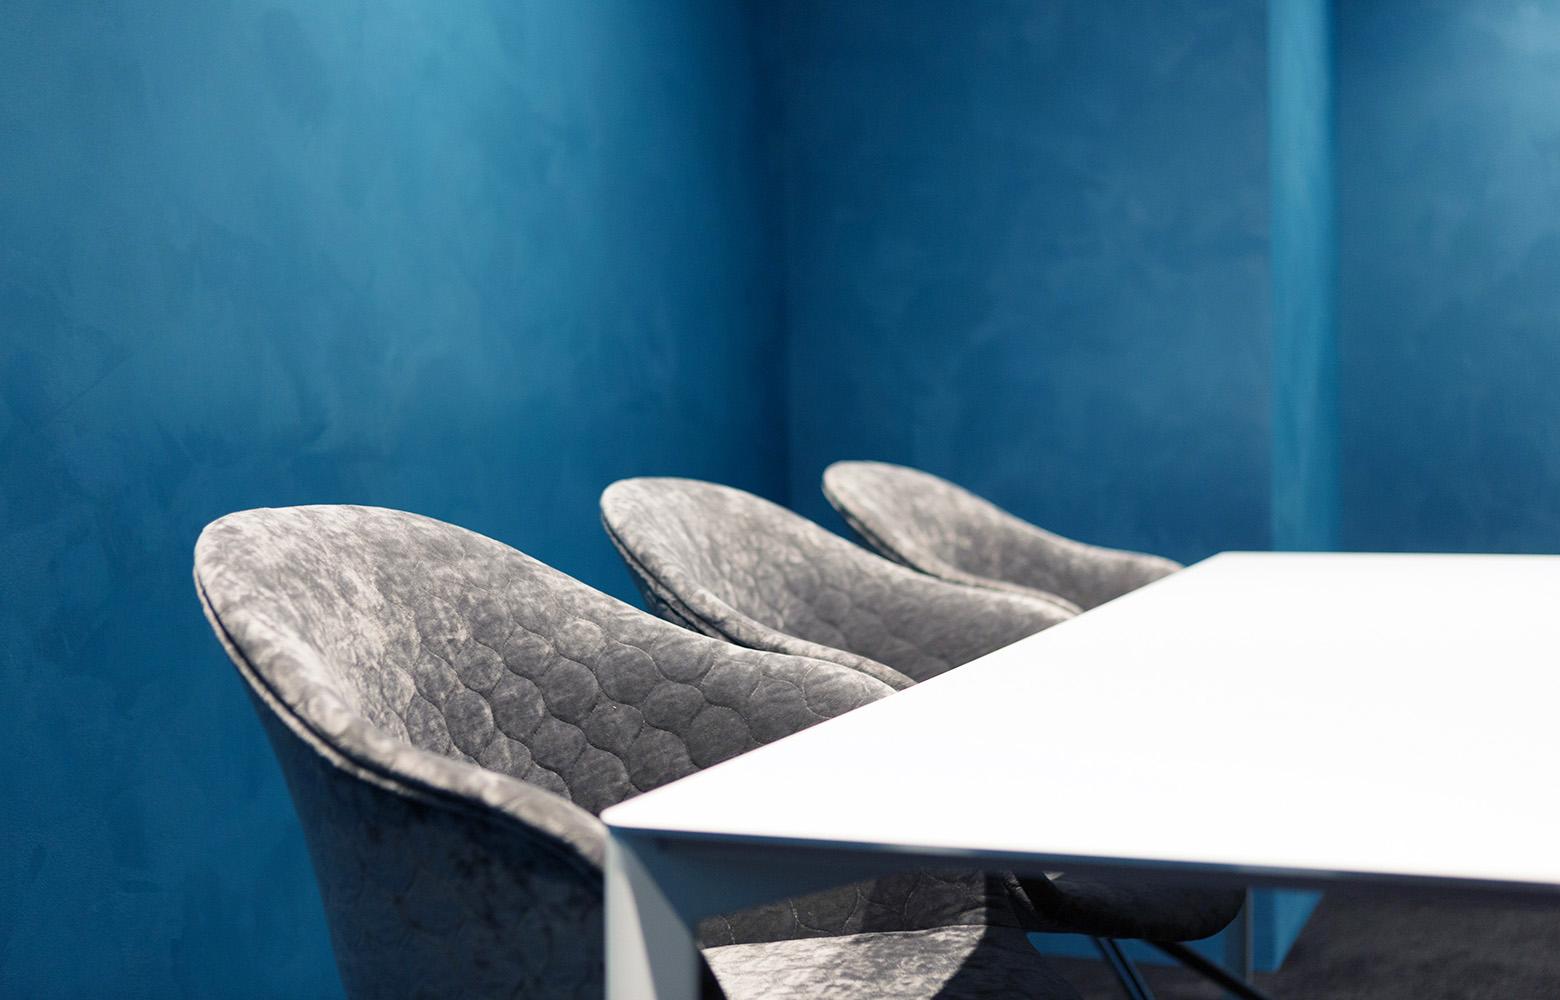 株式会社 AdLab Meeting Room_3 デザイン・レイアウト事例